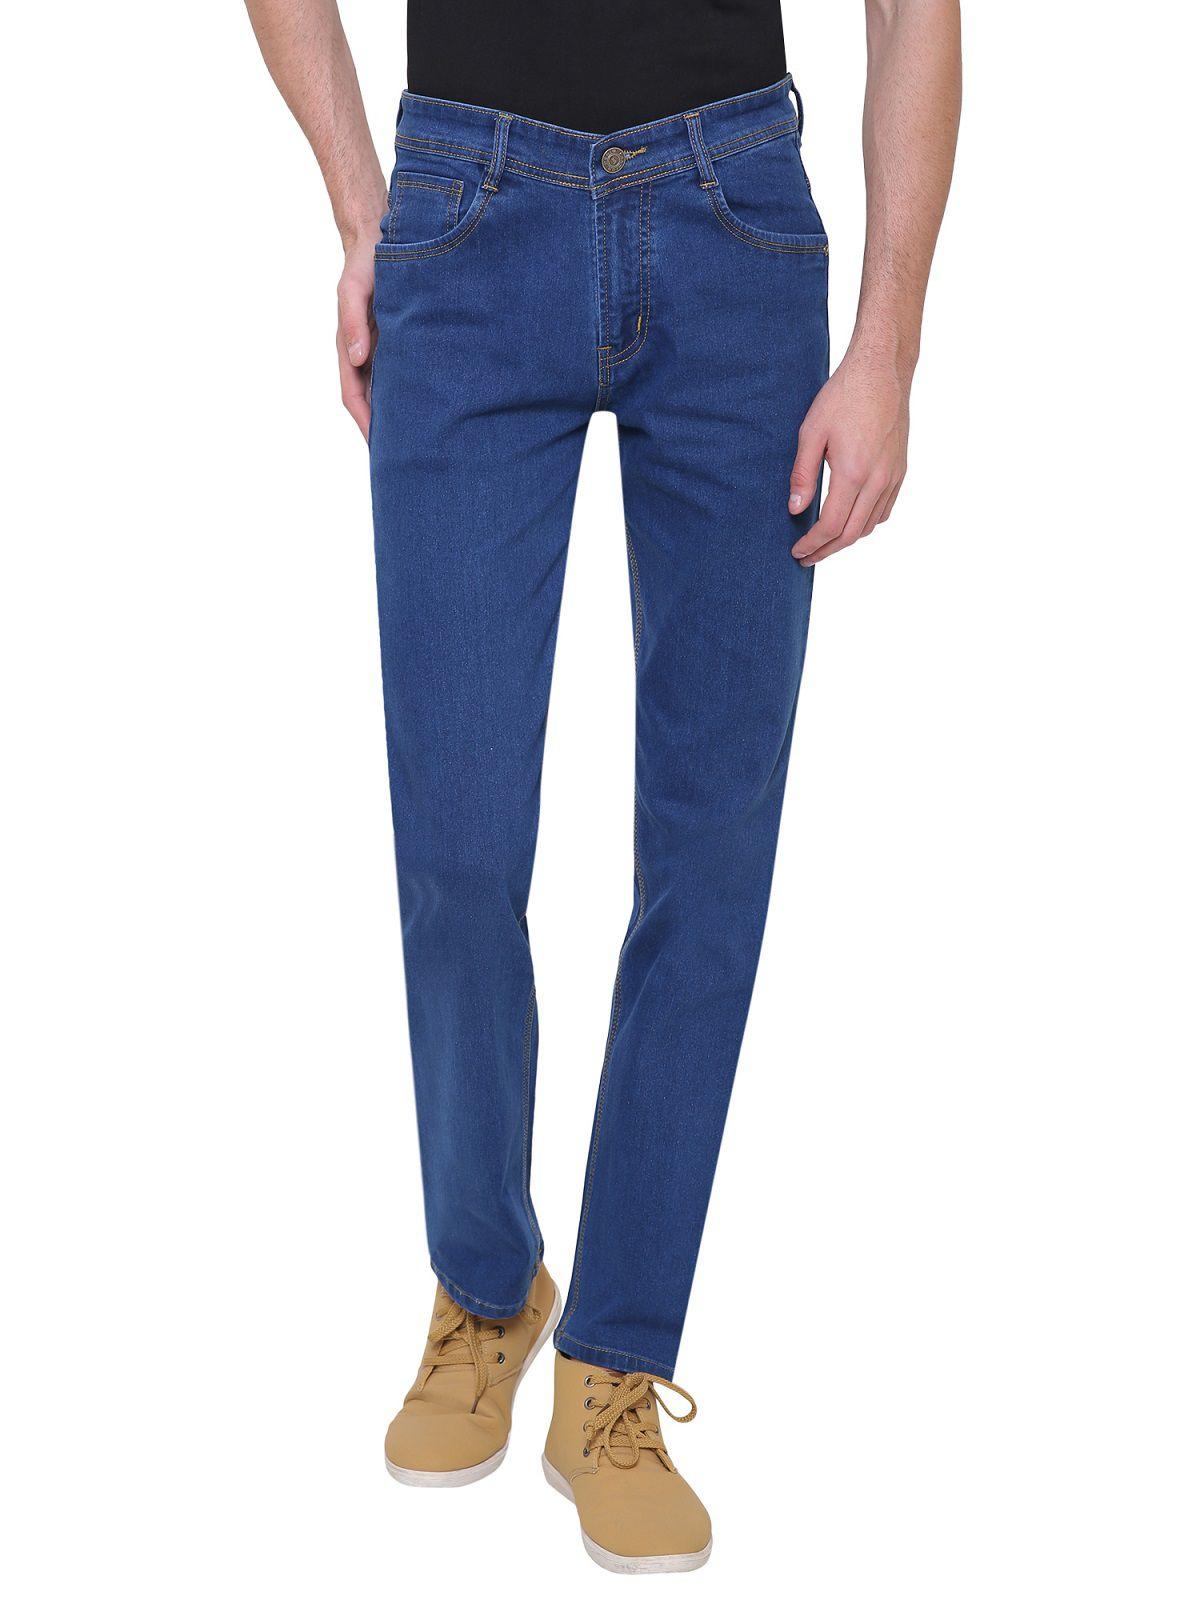 gradely Blue Regular Fit Jeans